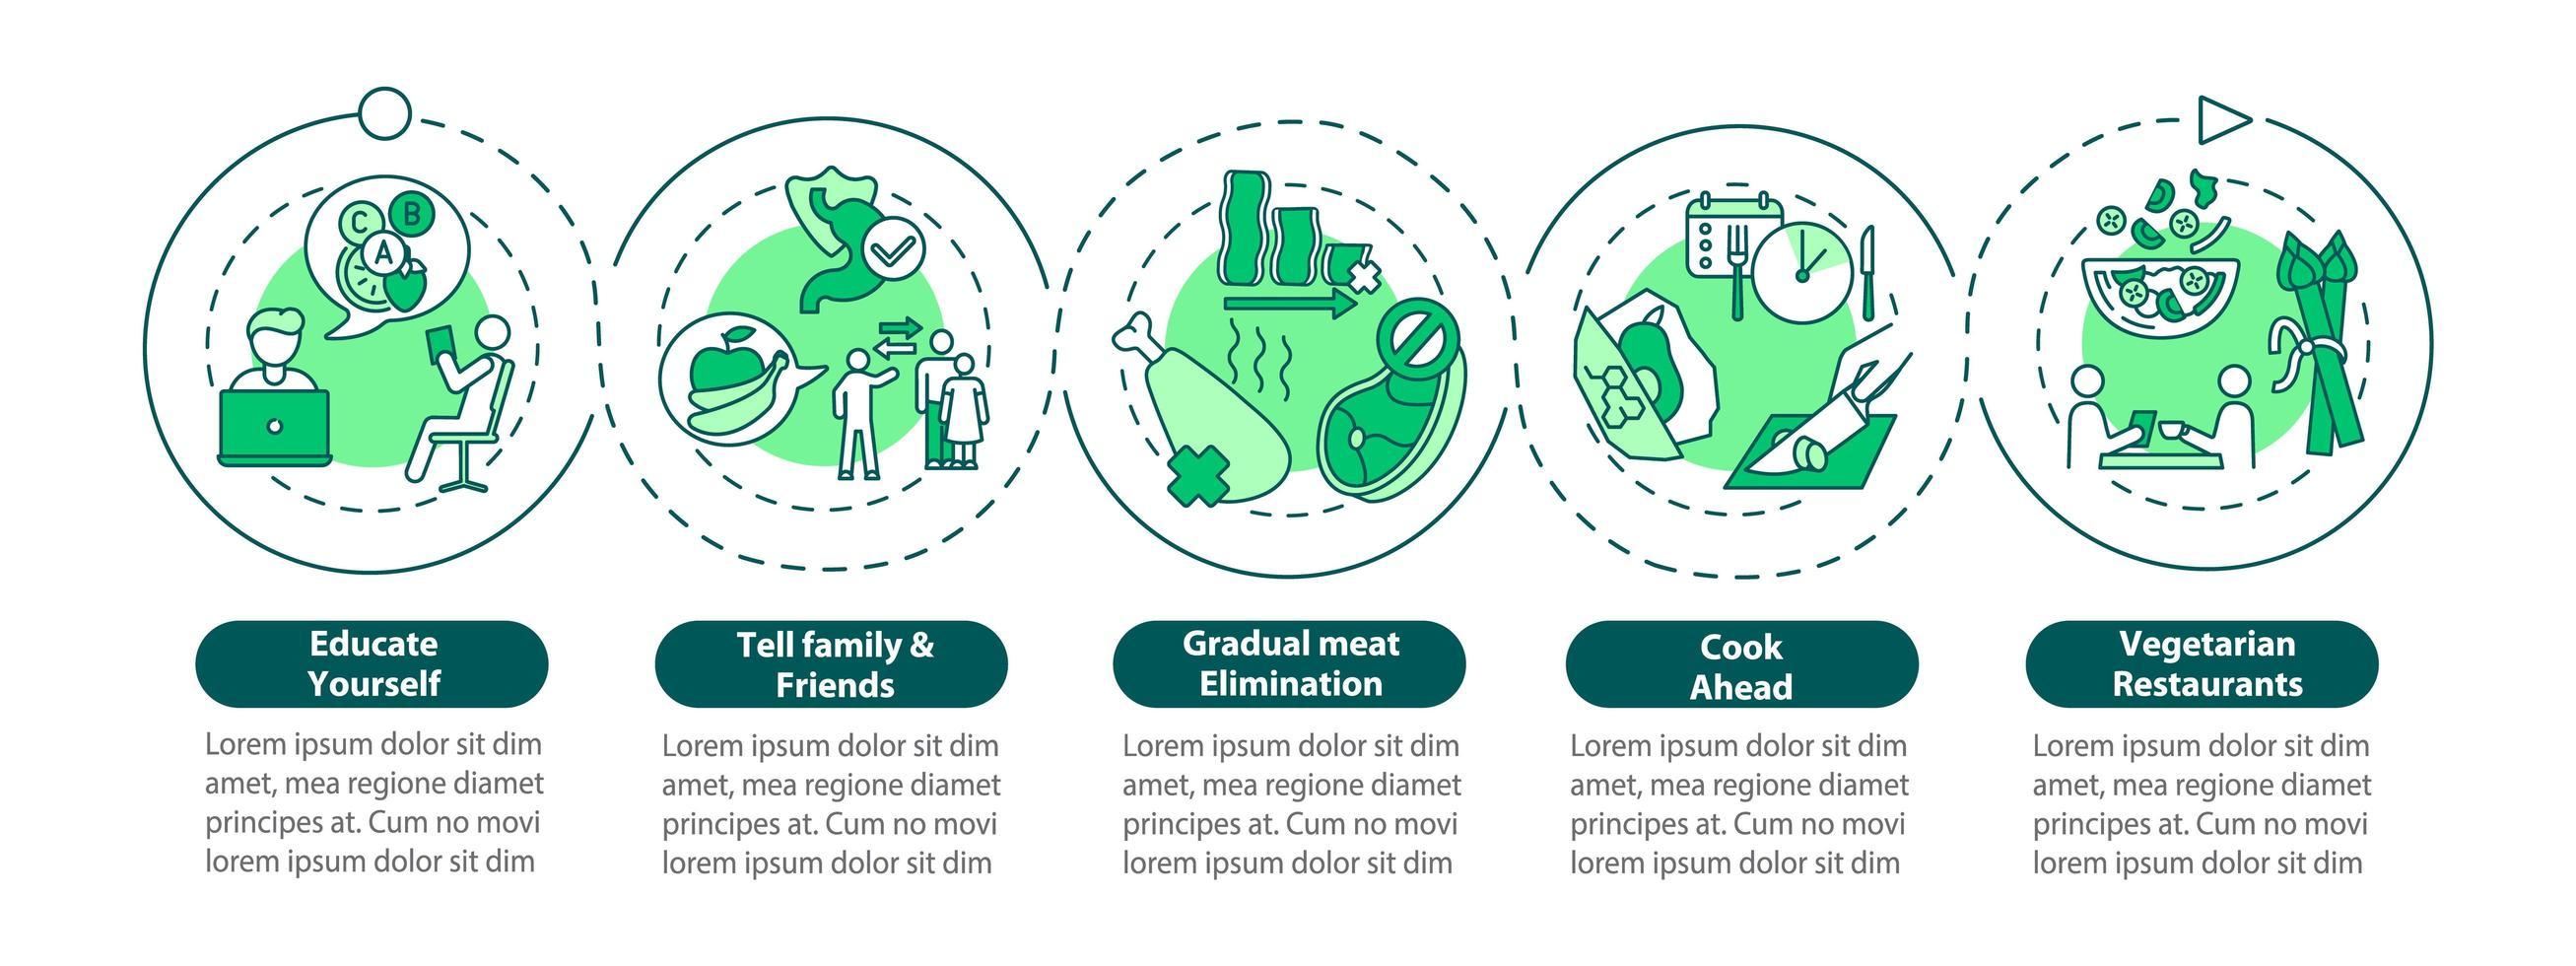 convertirse en vegetariano, plantilla de infografía vector